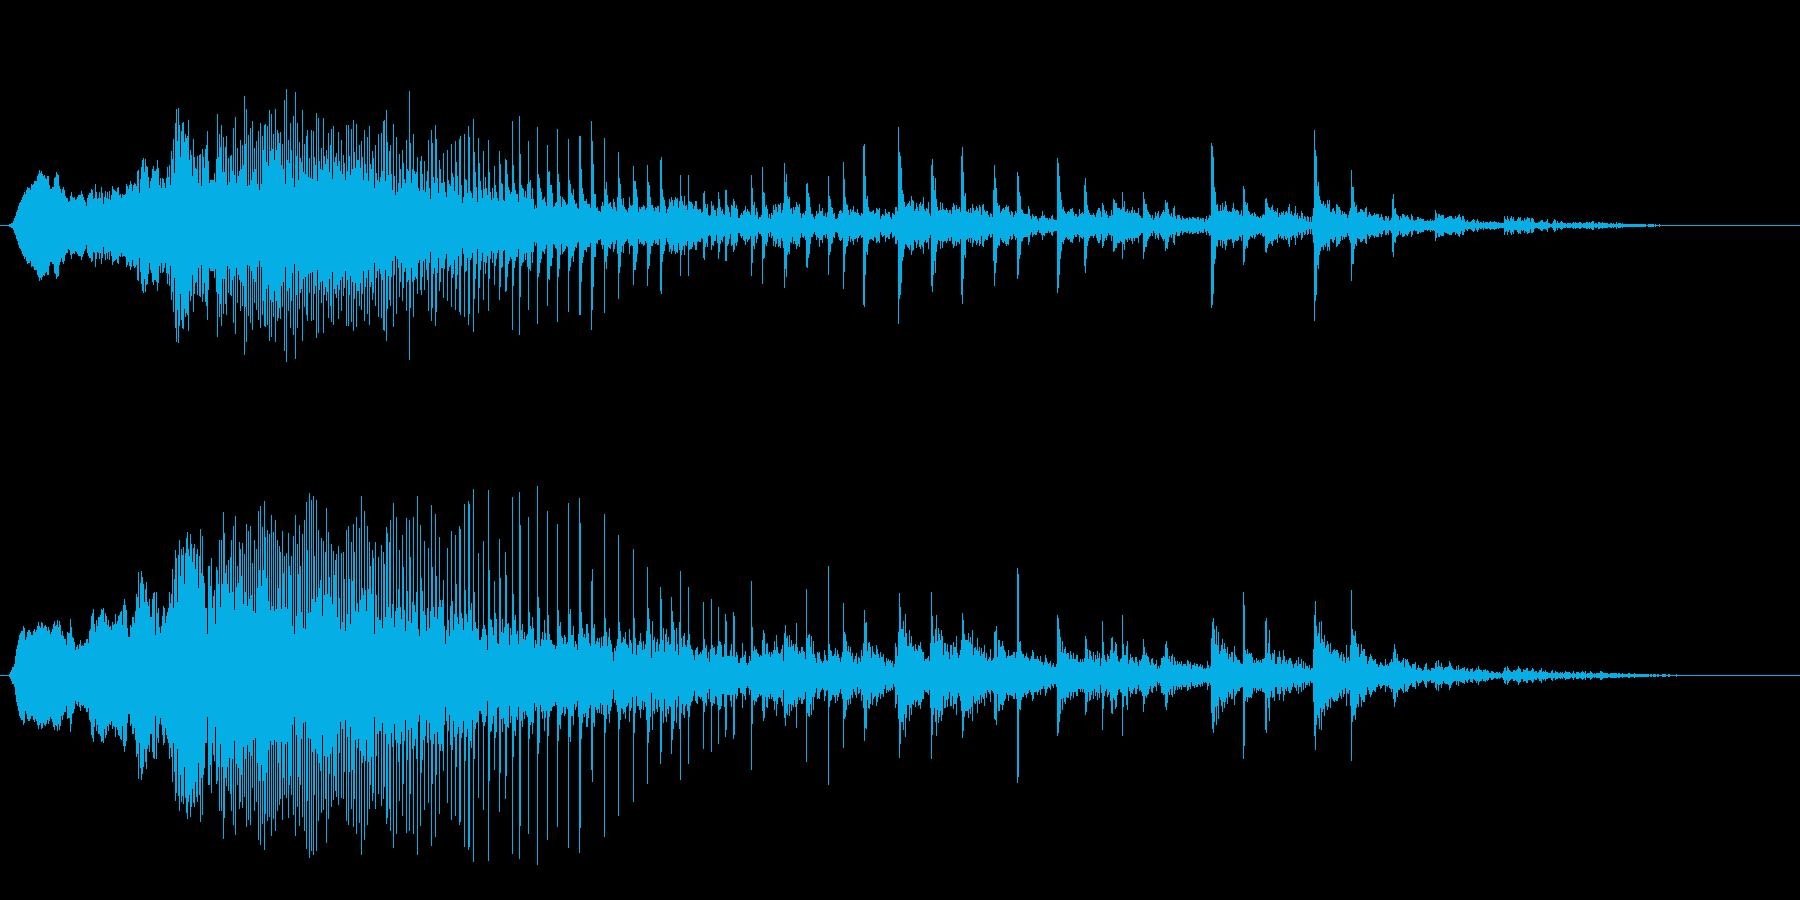 ギー(蝶番が油切れの扉を開ける音)の再生済みの波形